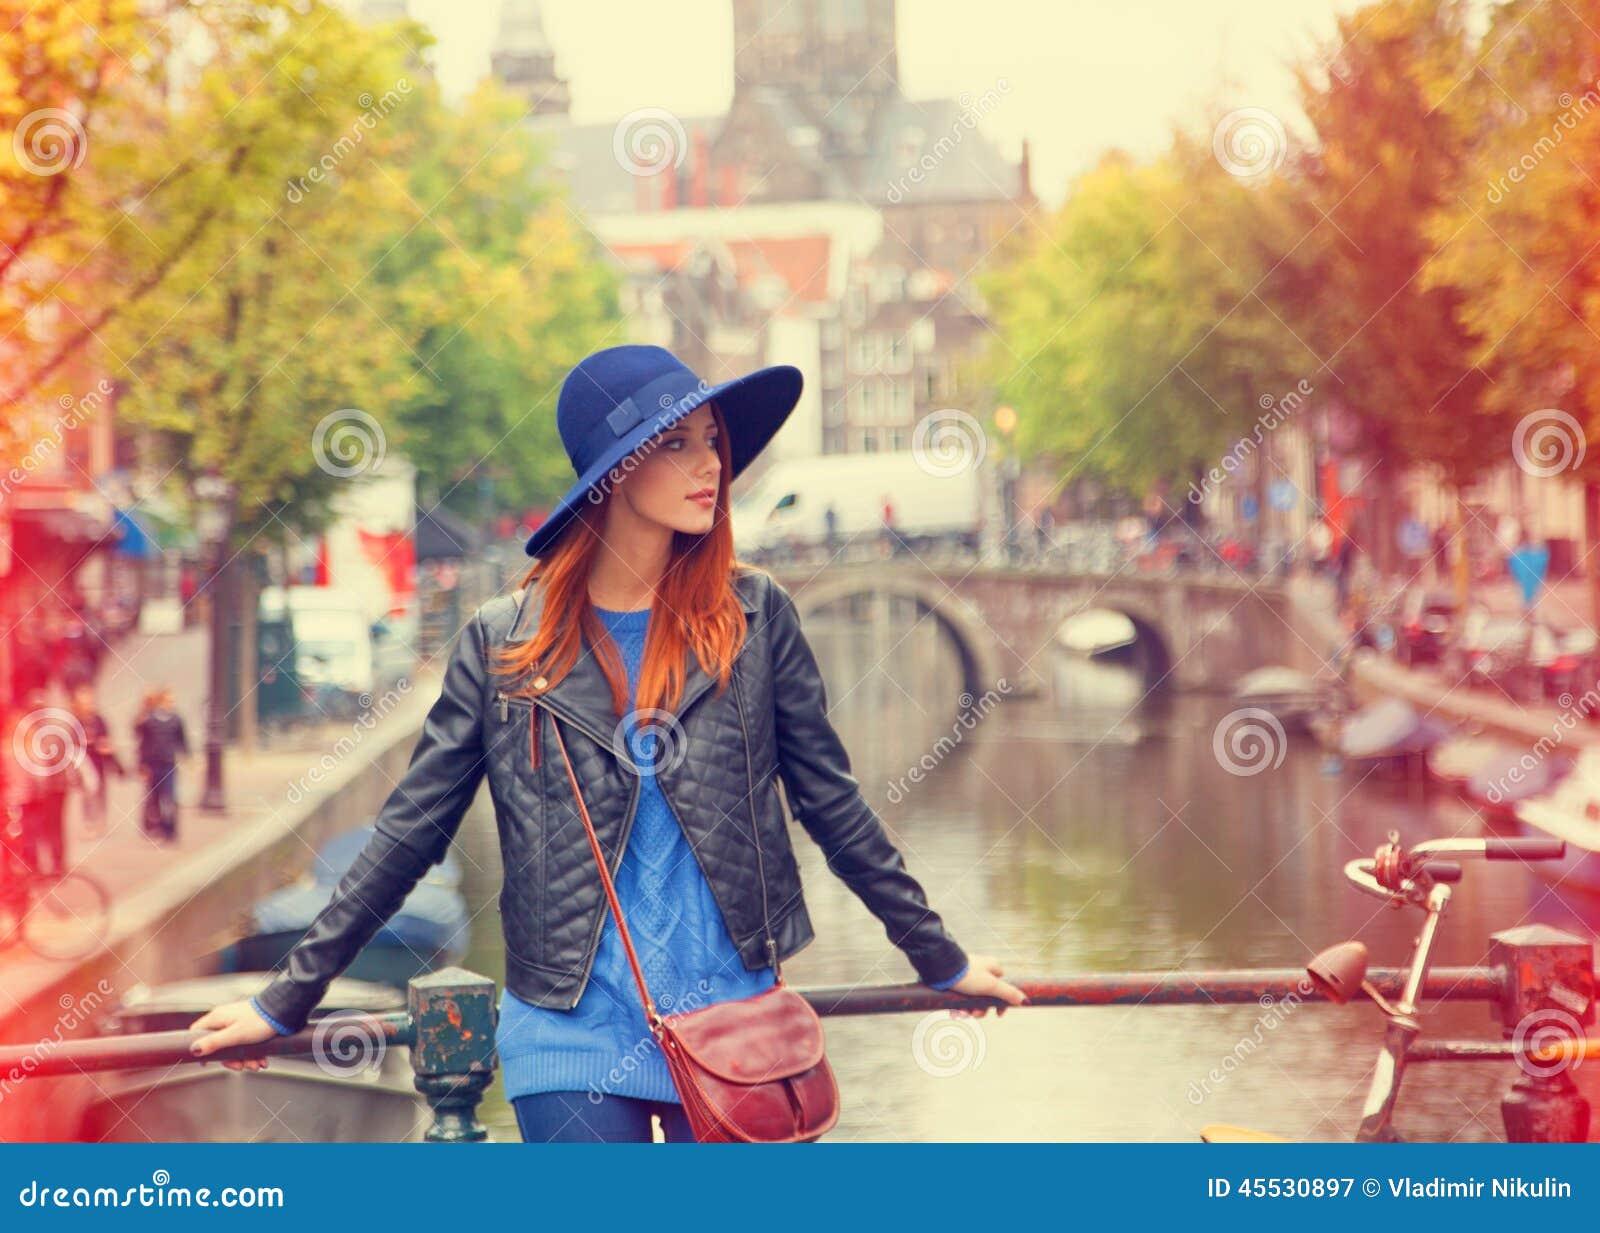 Девушек для работы в амстердам ирина терехова